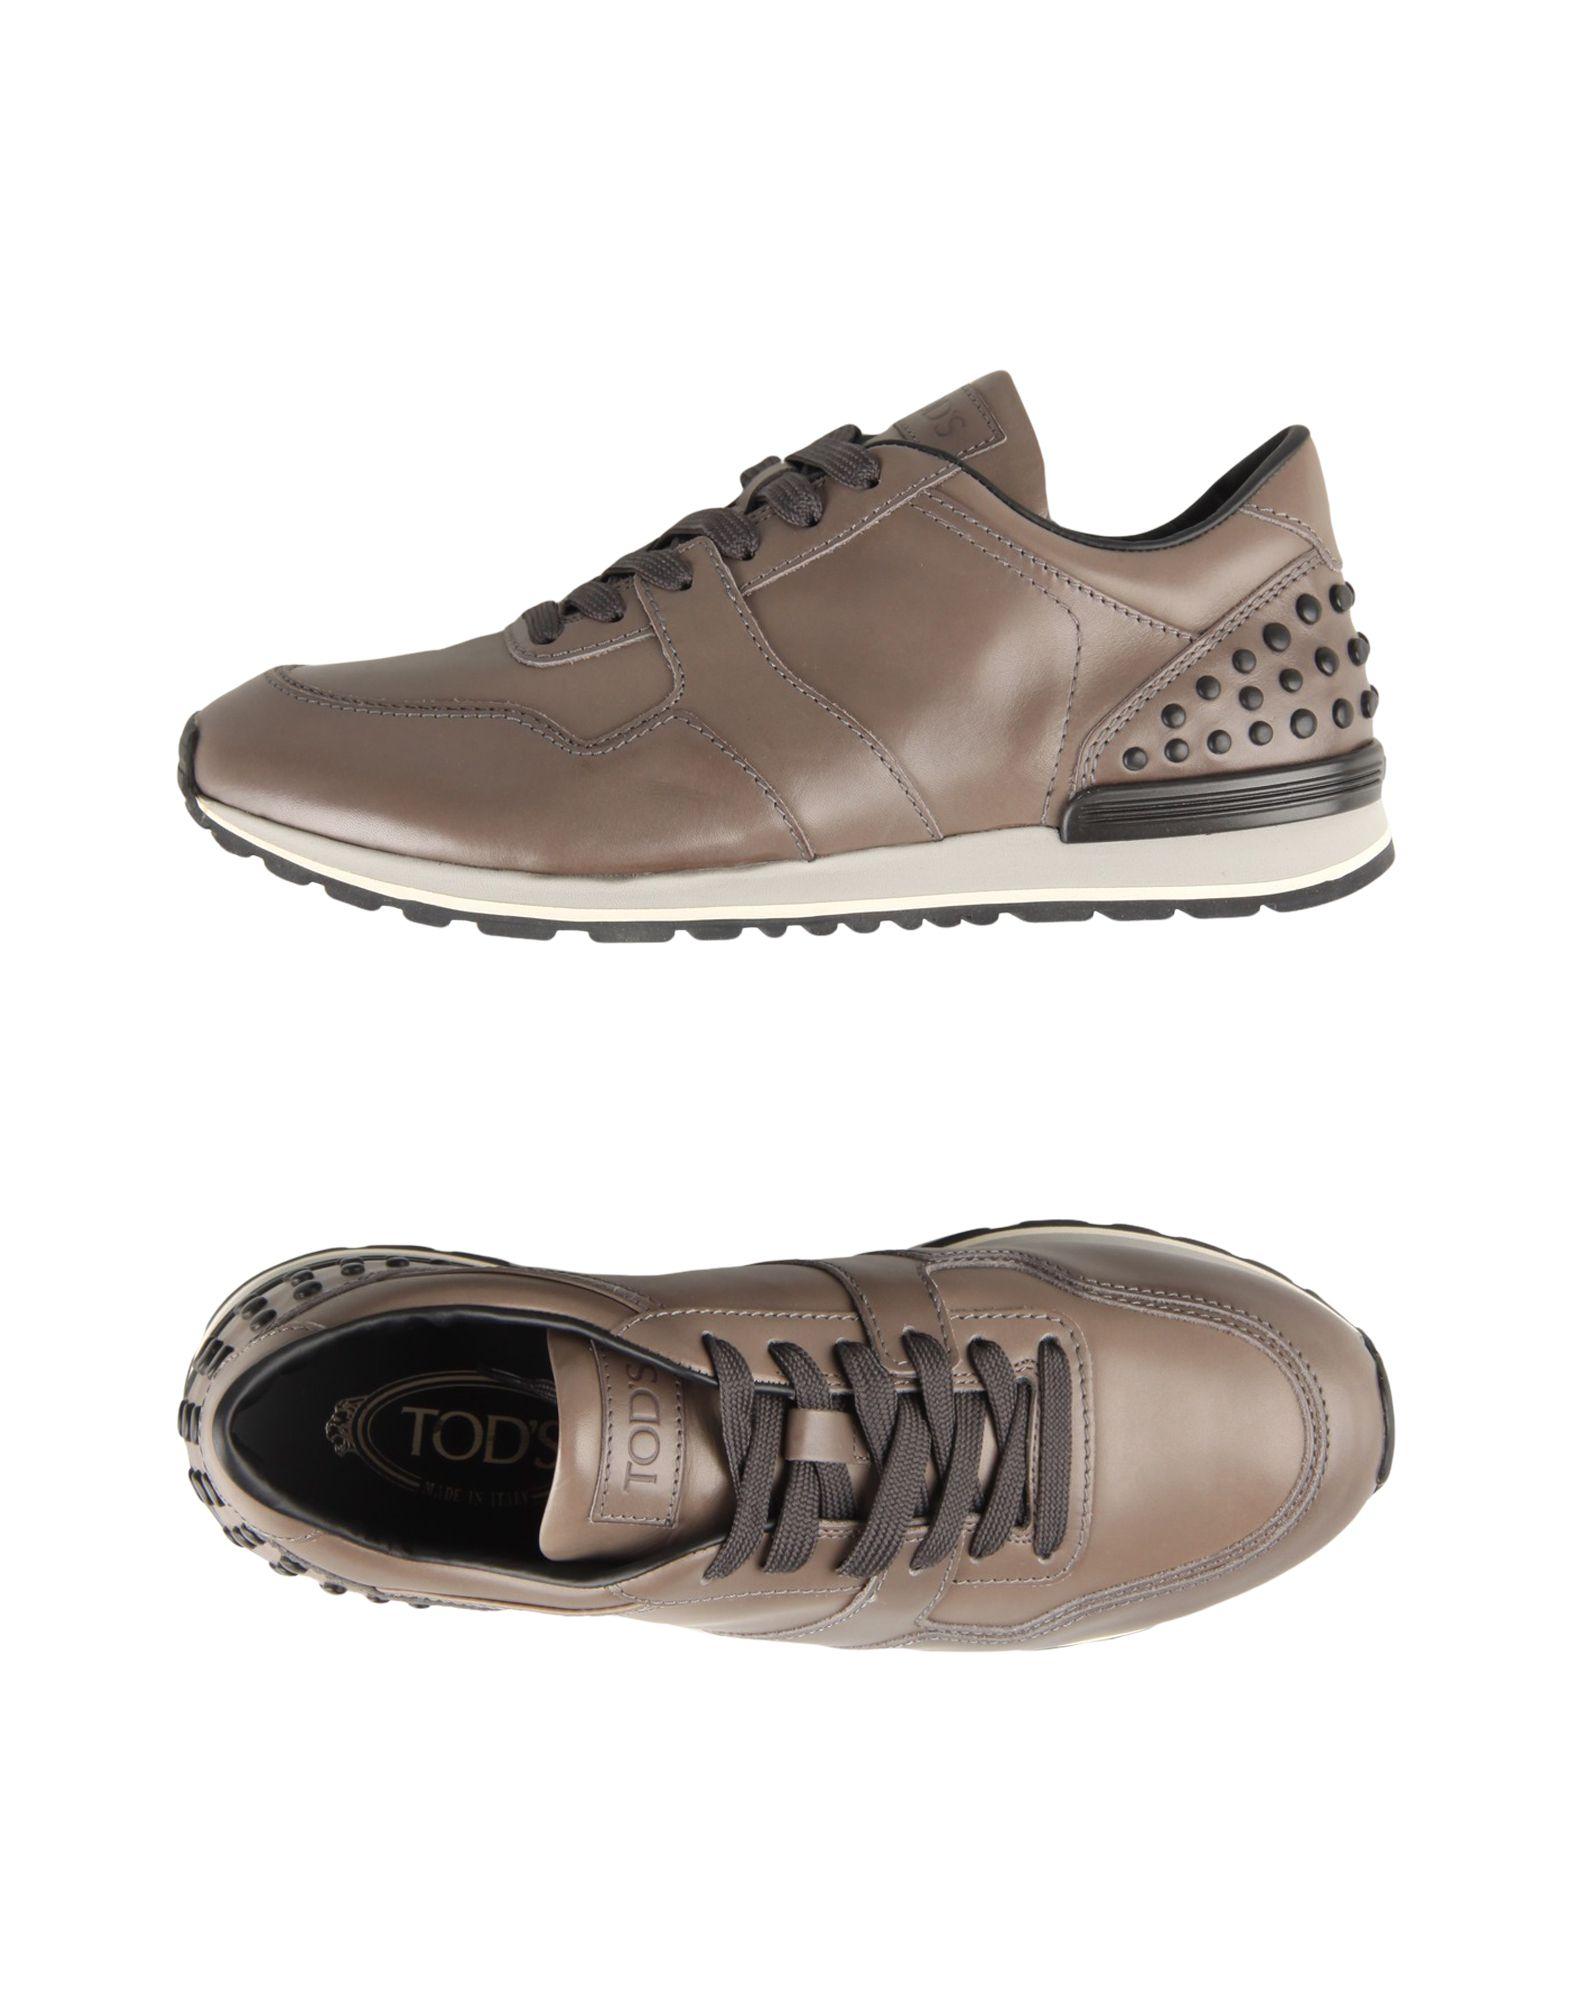 Tod's Sneakers Herren  11398051BM Gute Qualität beliebte Schuhe